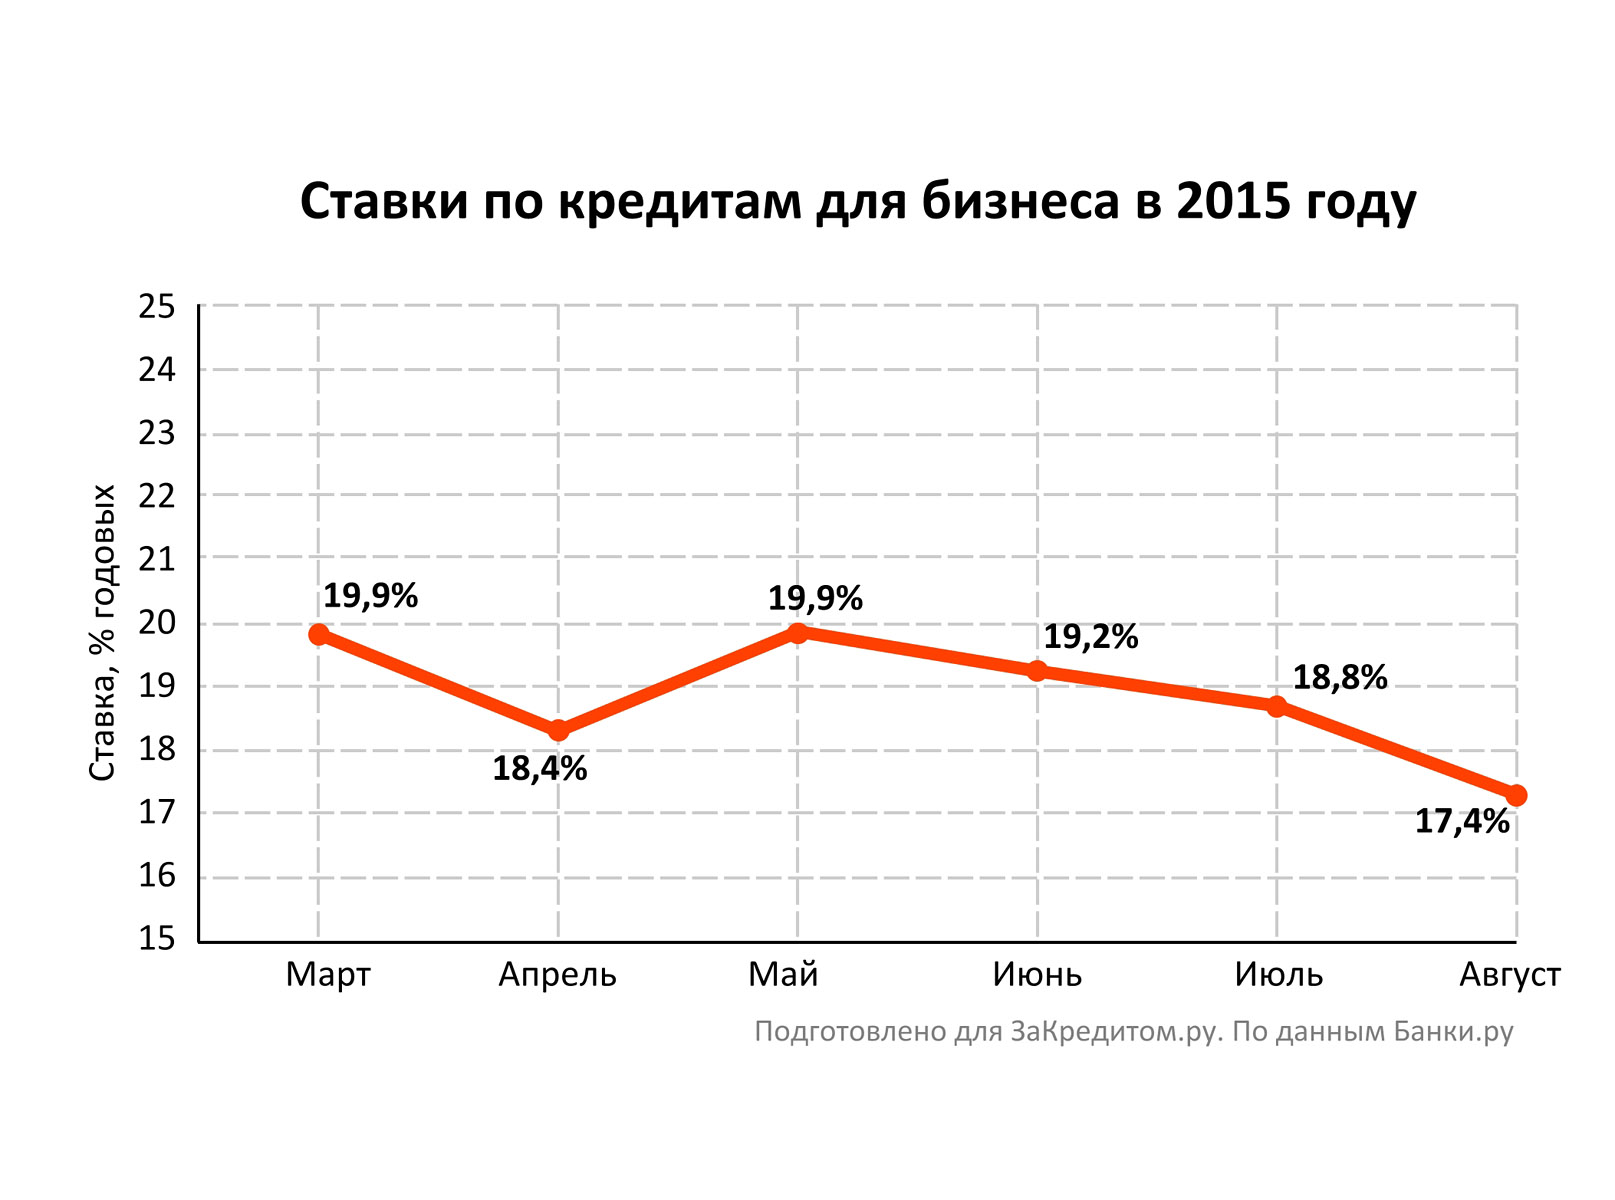 среднерыночный процент займа